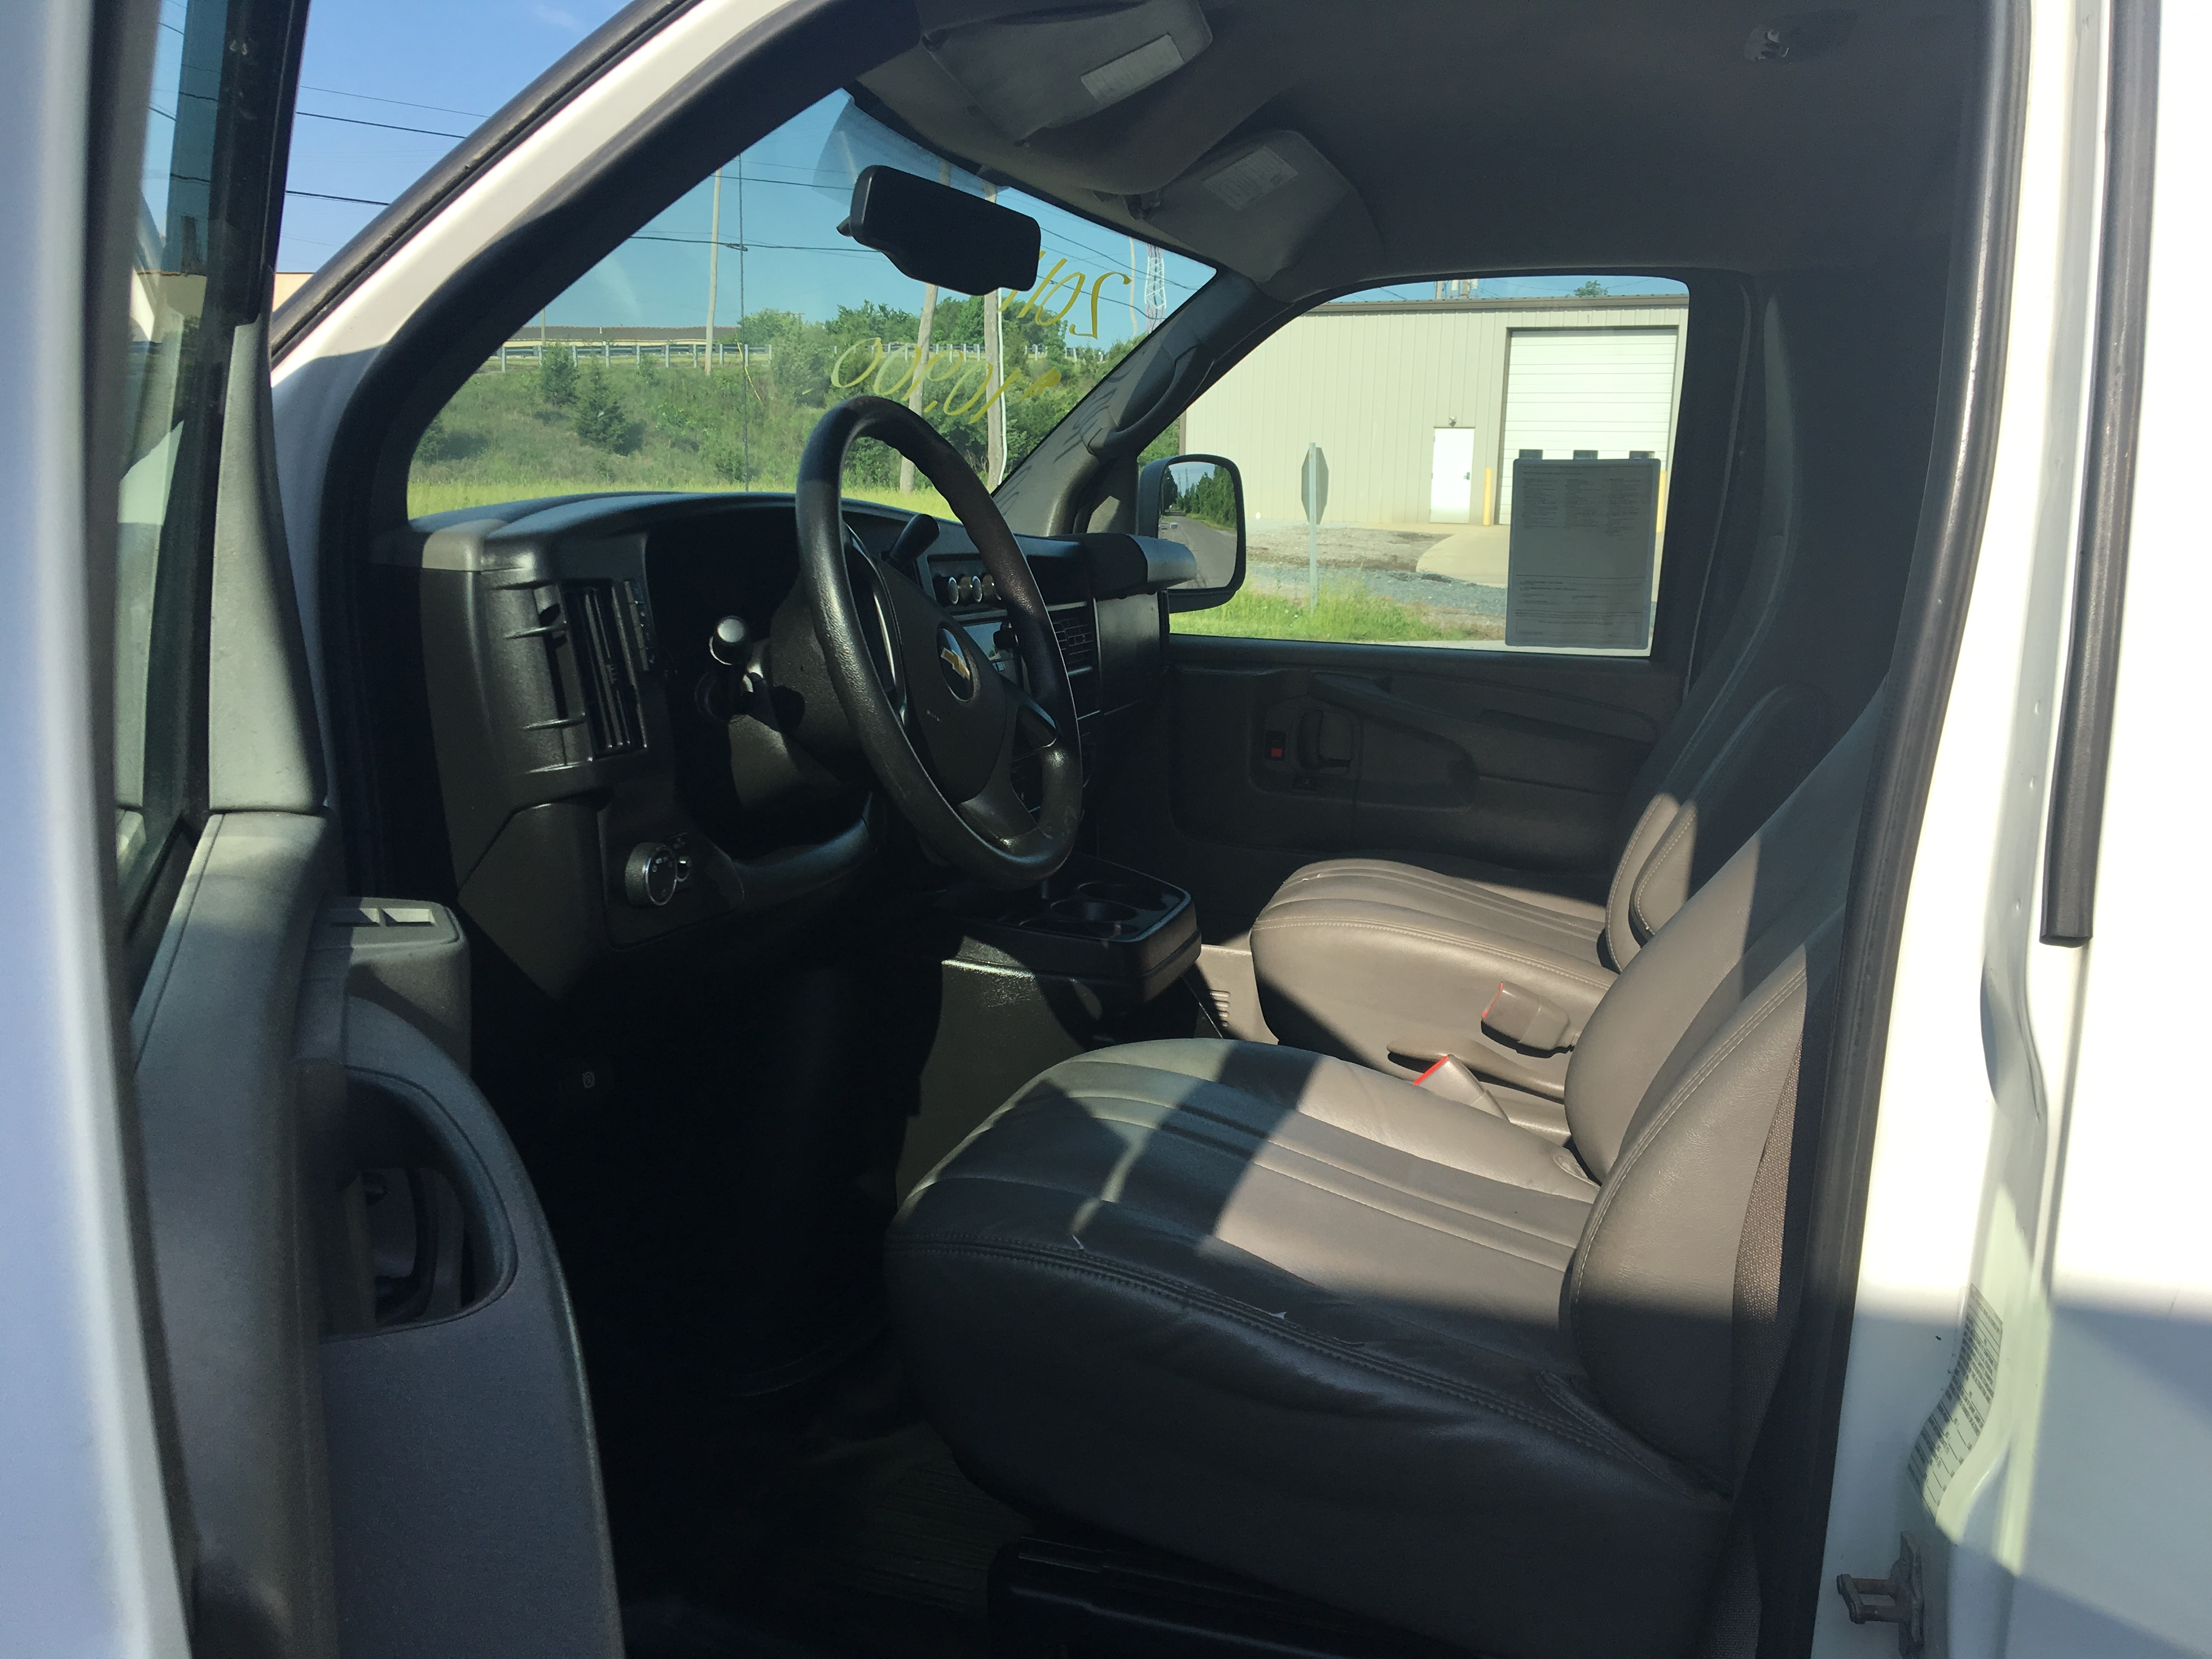 2011 Chevrolet G1500 Cargo Van